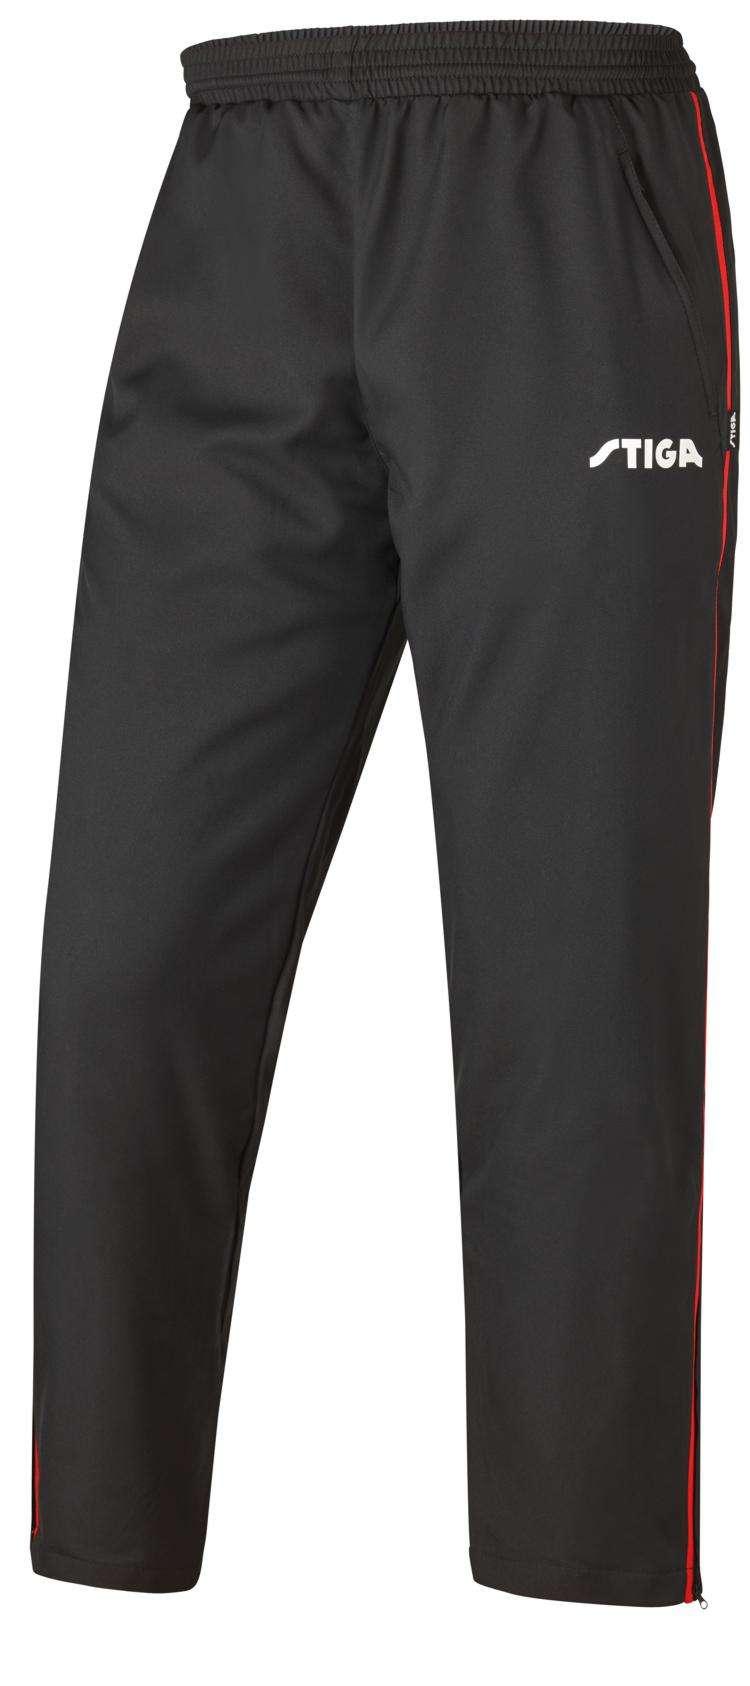 letzte Veröffentlichung hohe Qualitätsgarantie feinste Auswahl Stiga Anzughose Universe schwarz/rot